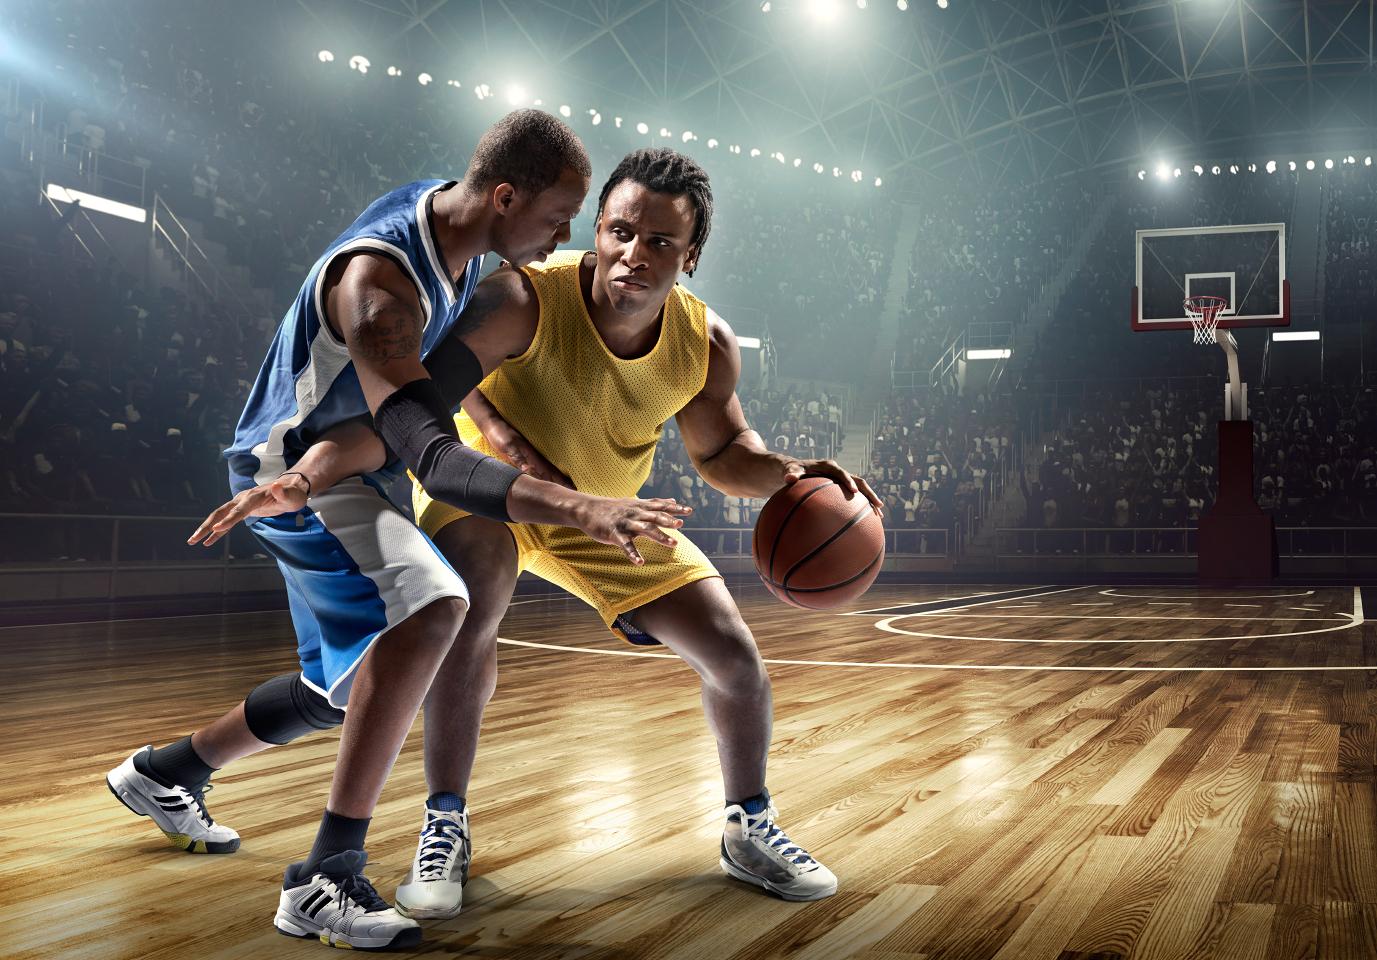 Basketball_game_5_1